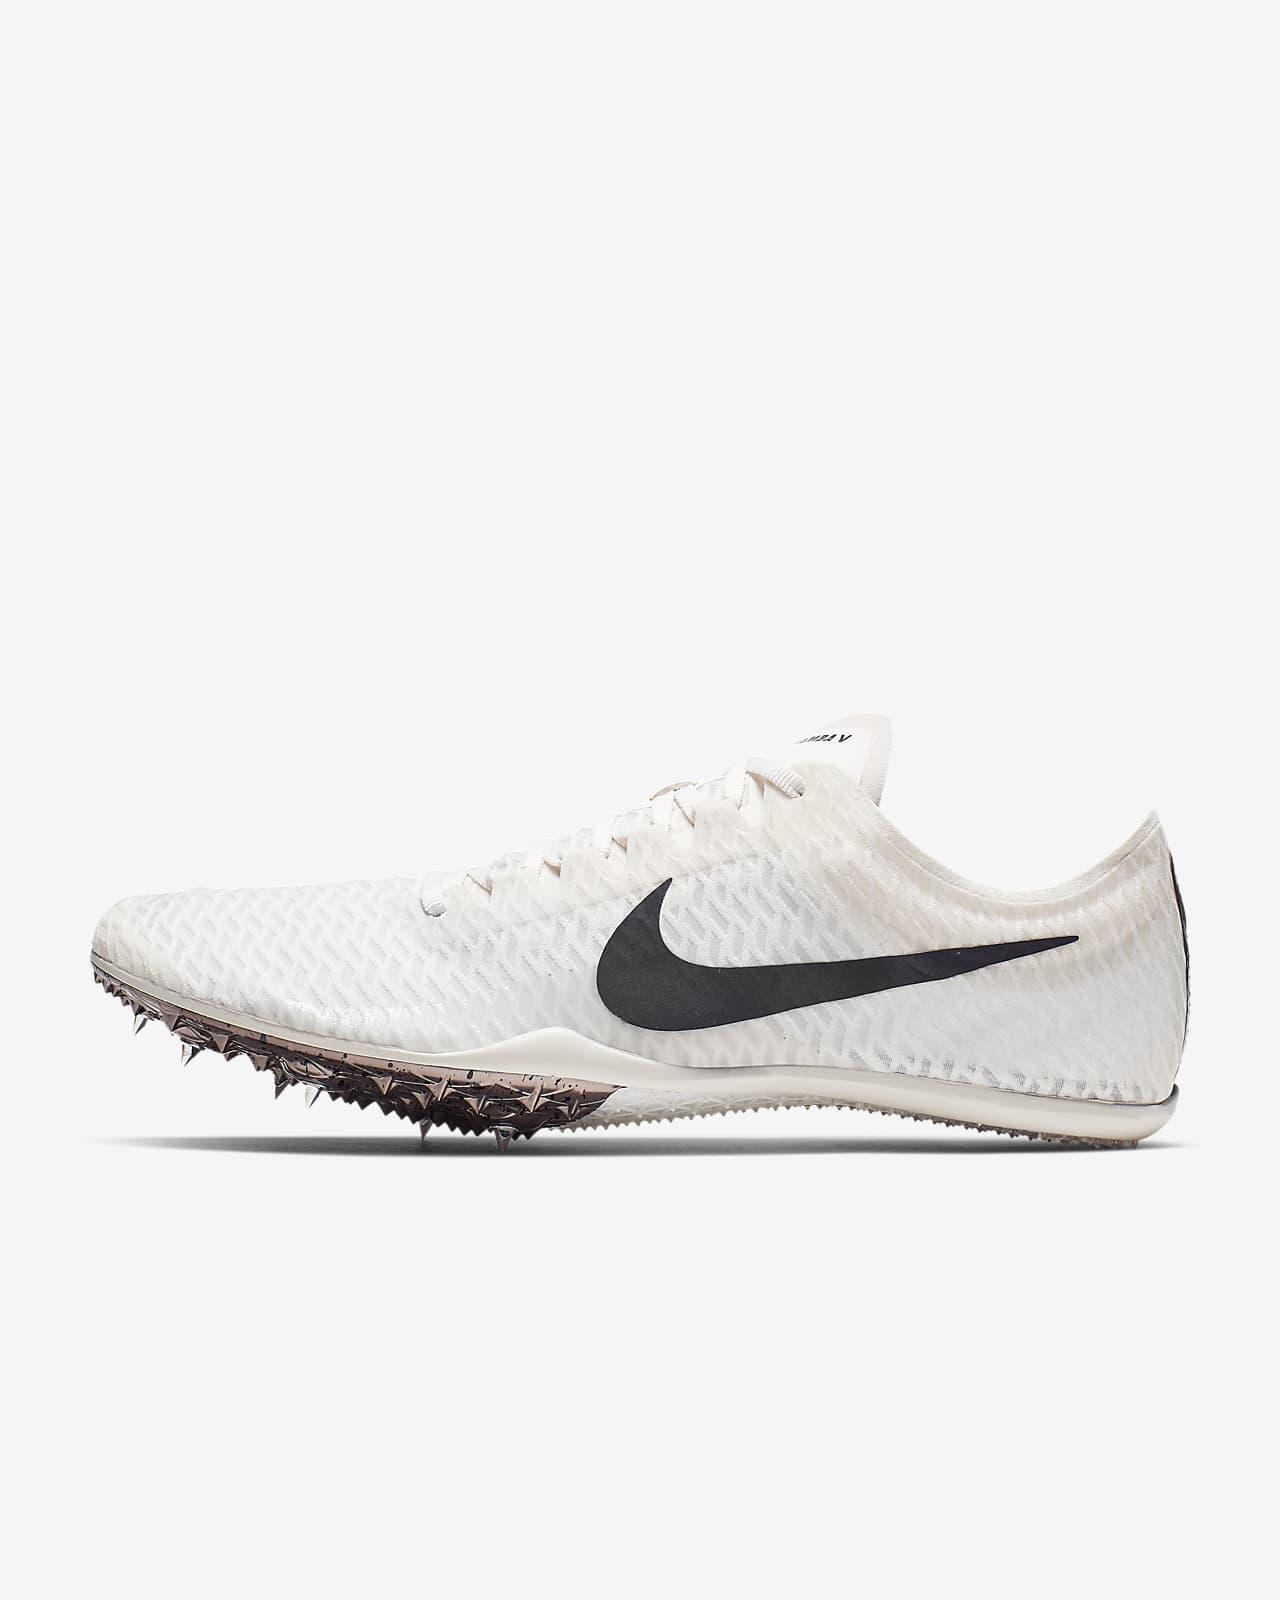 Chaussure de running Nike Zoom Mamba V